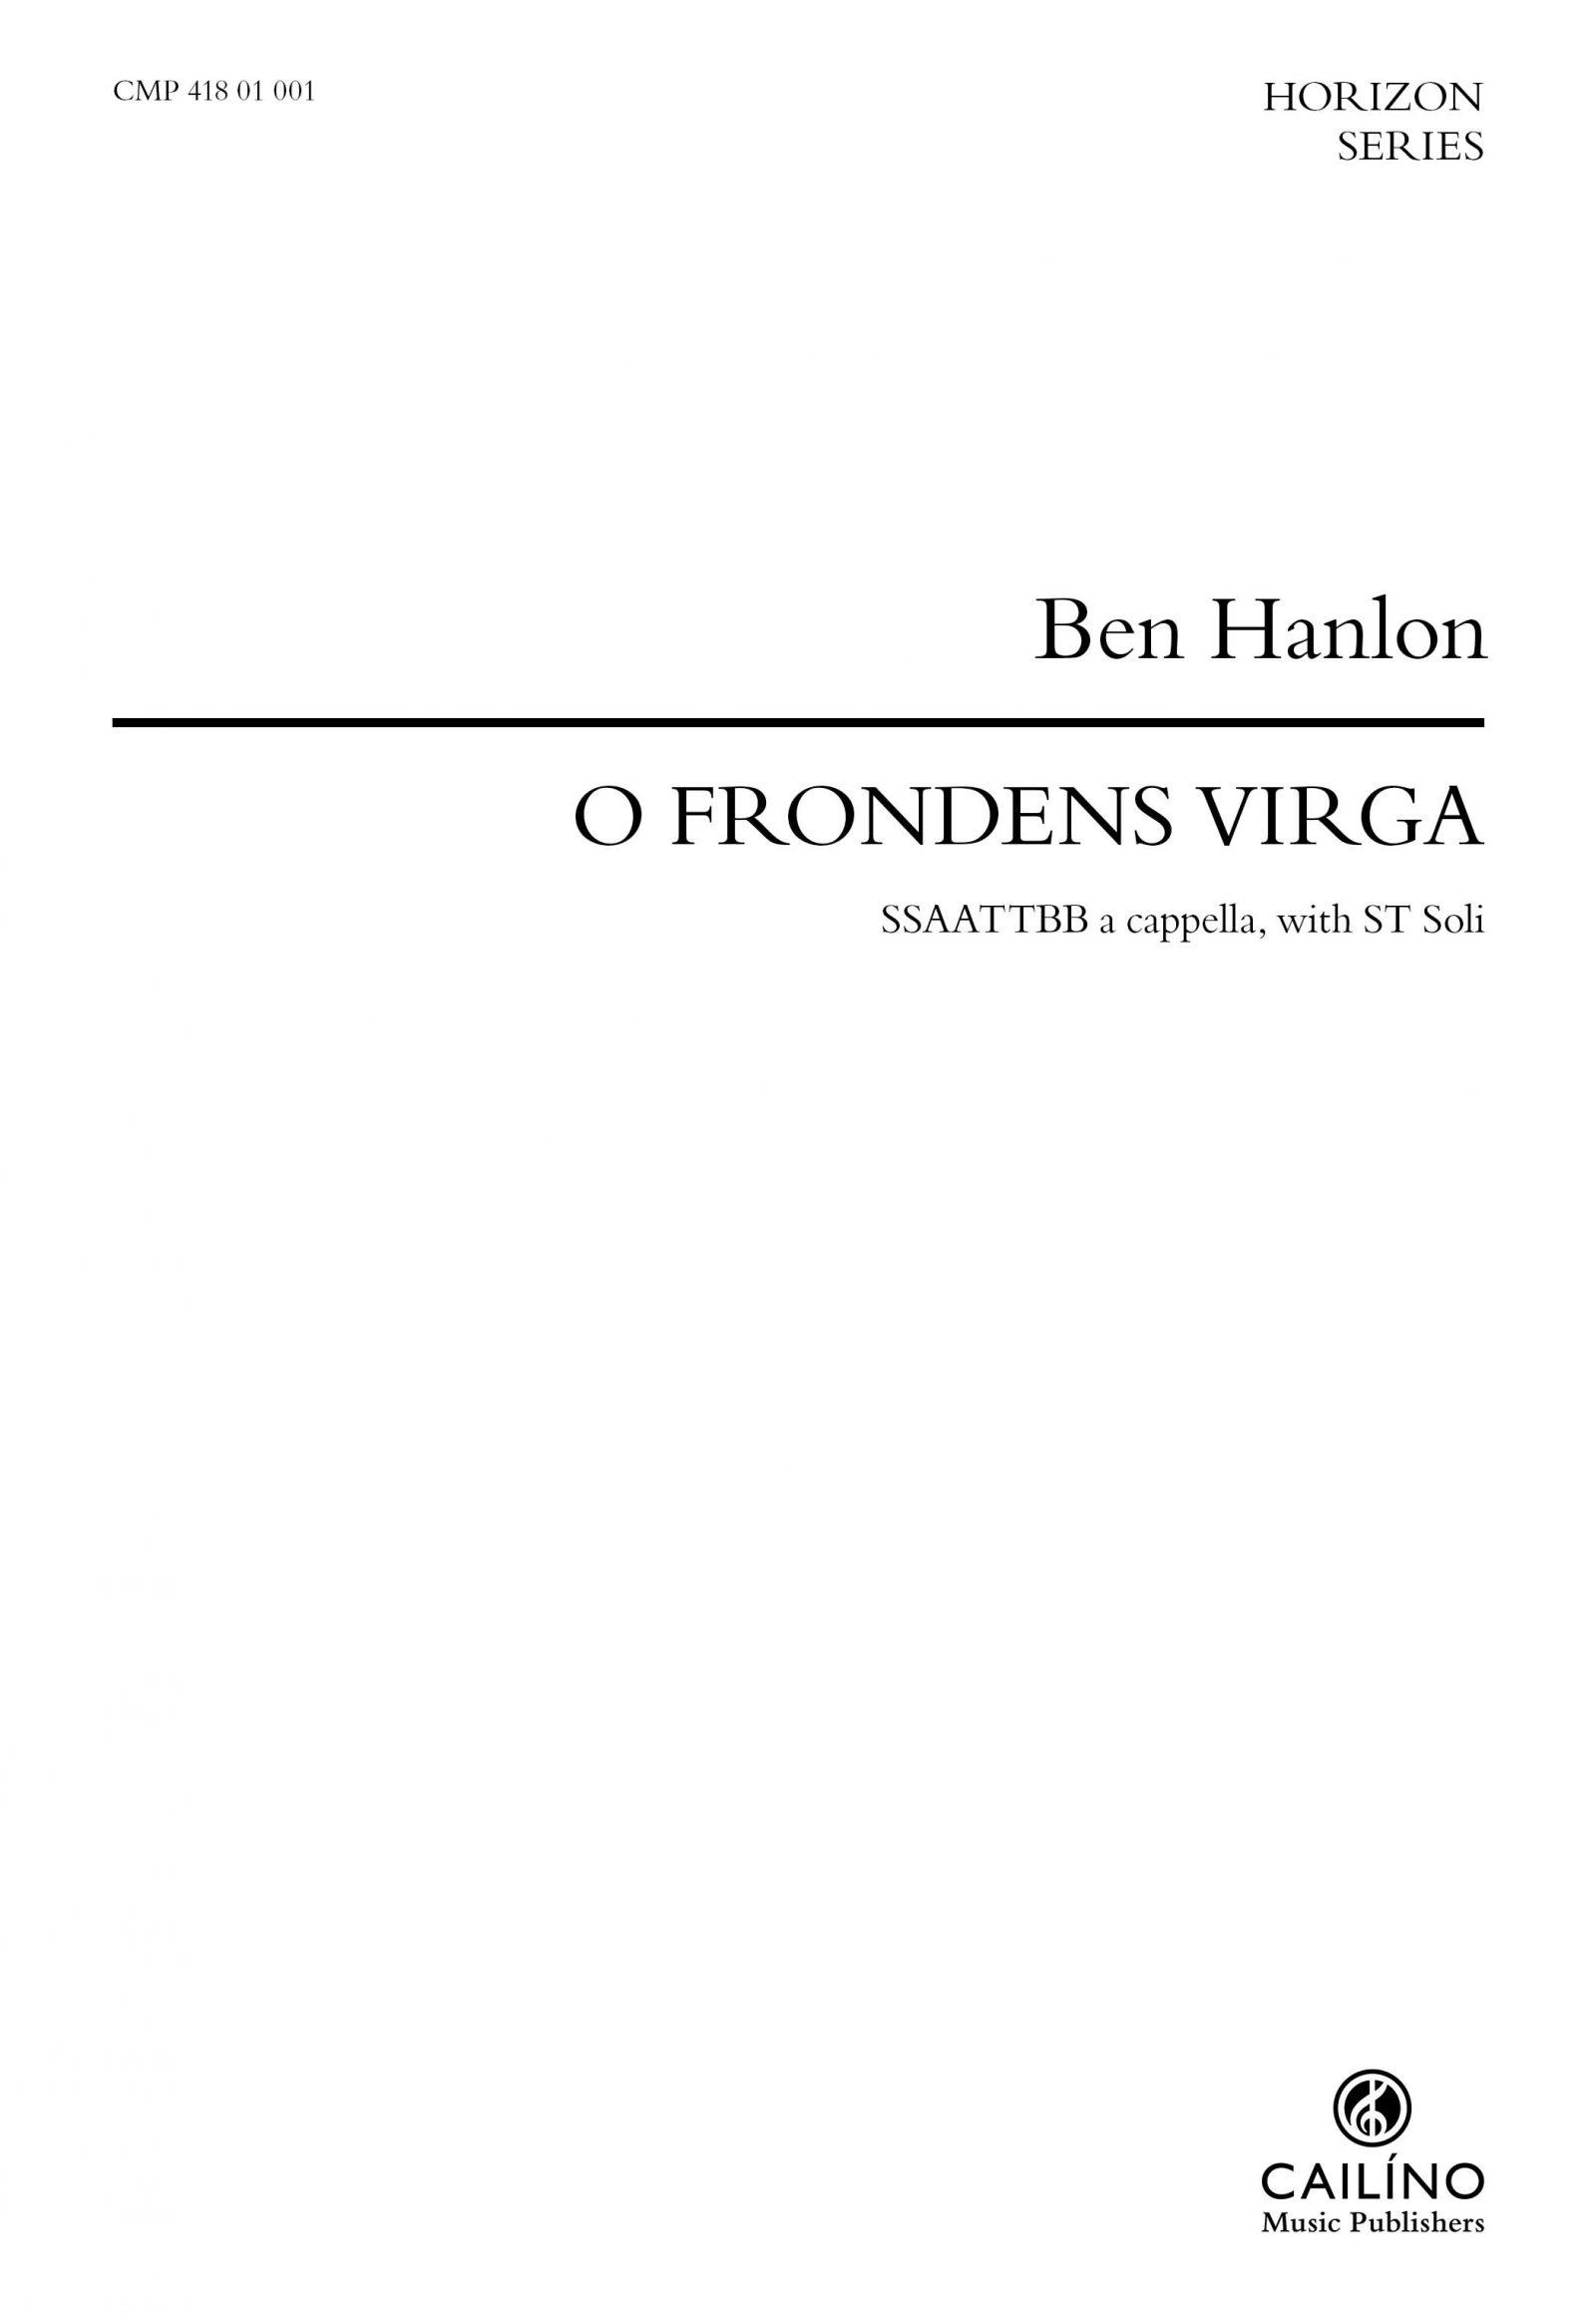 O Frondens Virga Score Cover